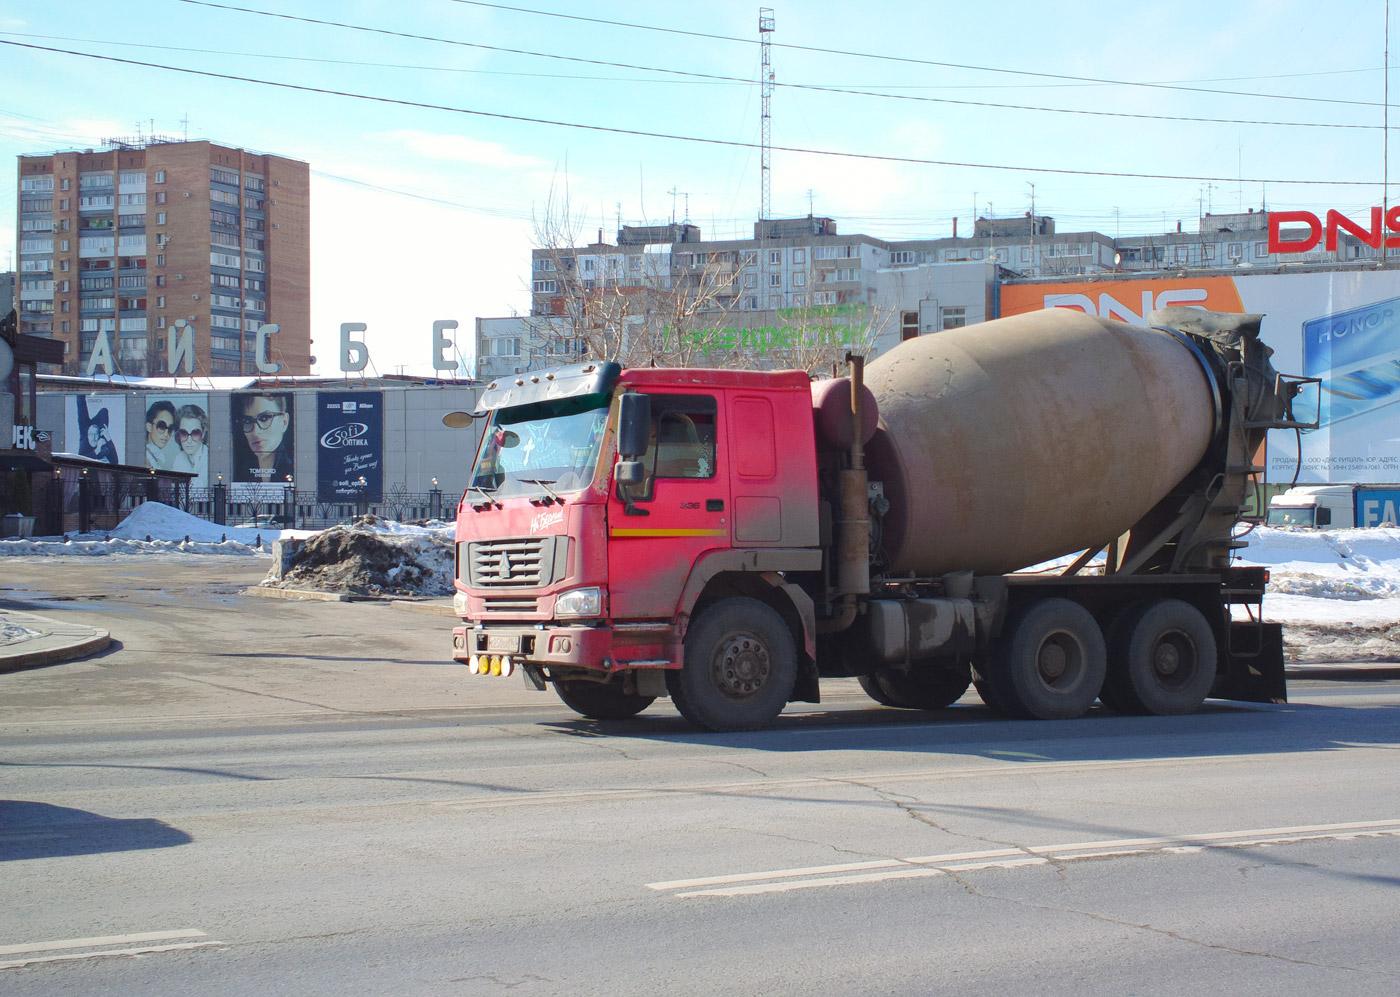 Бетоносмеситель на шасси Howo #Х250ВХ163. г. Самара, Московское шоссе